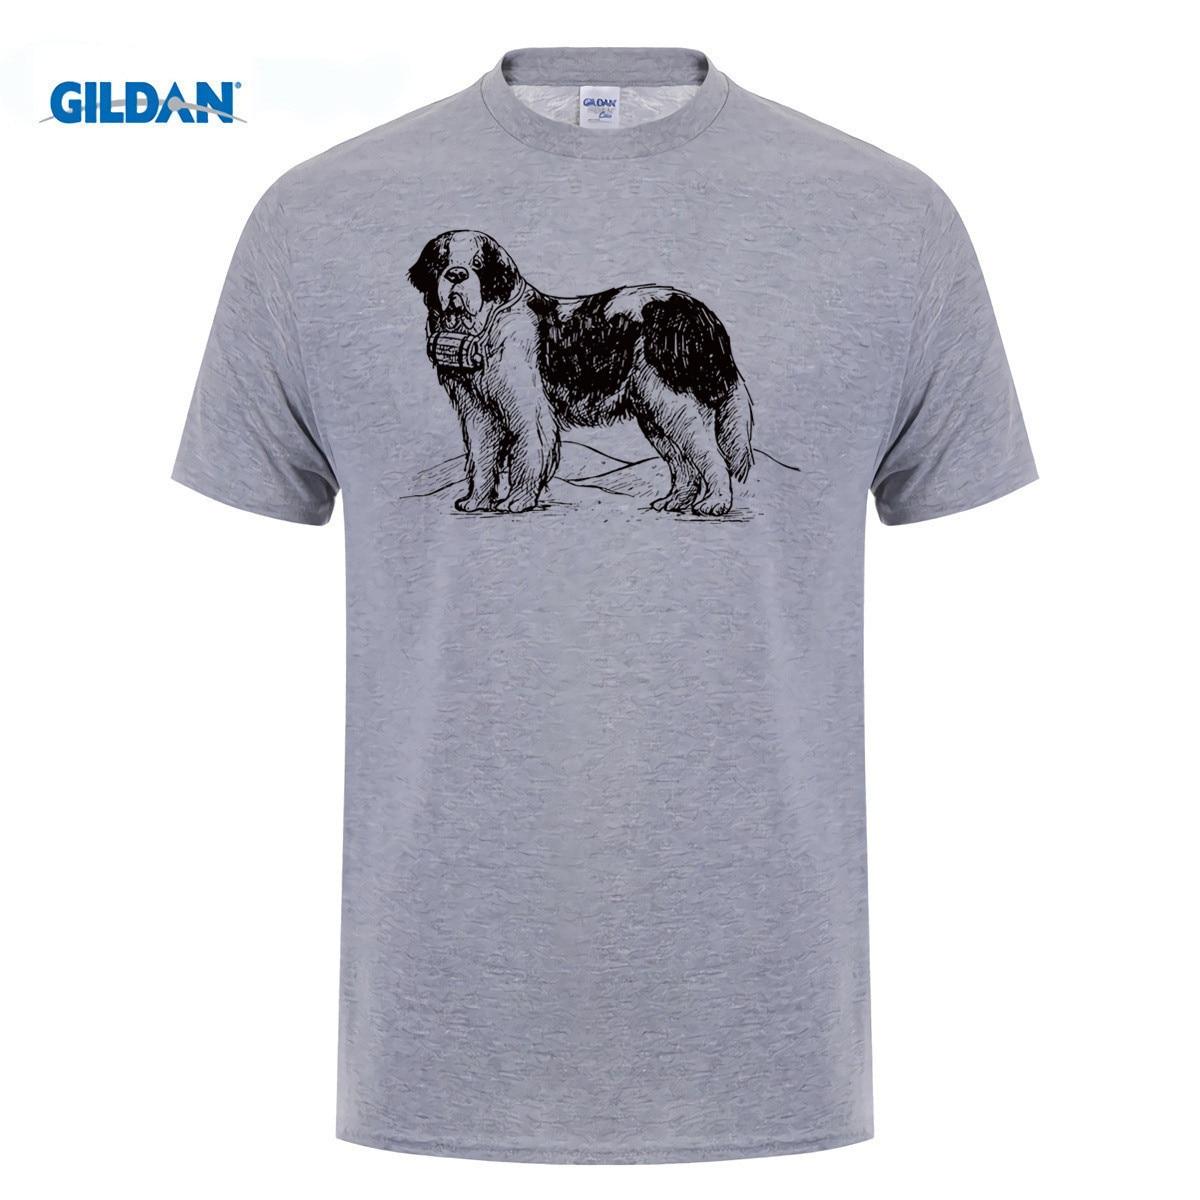 GILDAN Saint St Bernard Dog Breed T Shirt for men women boys girls